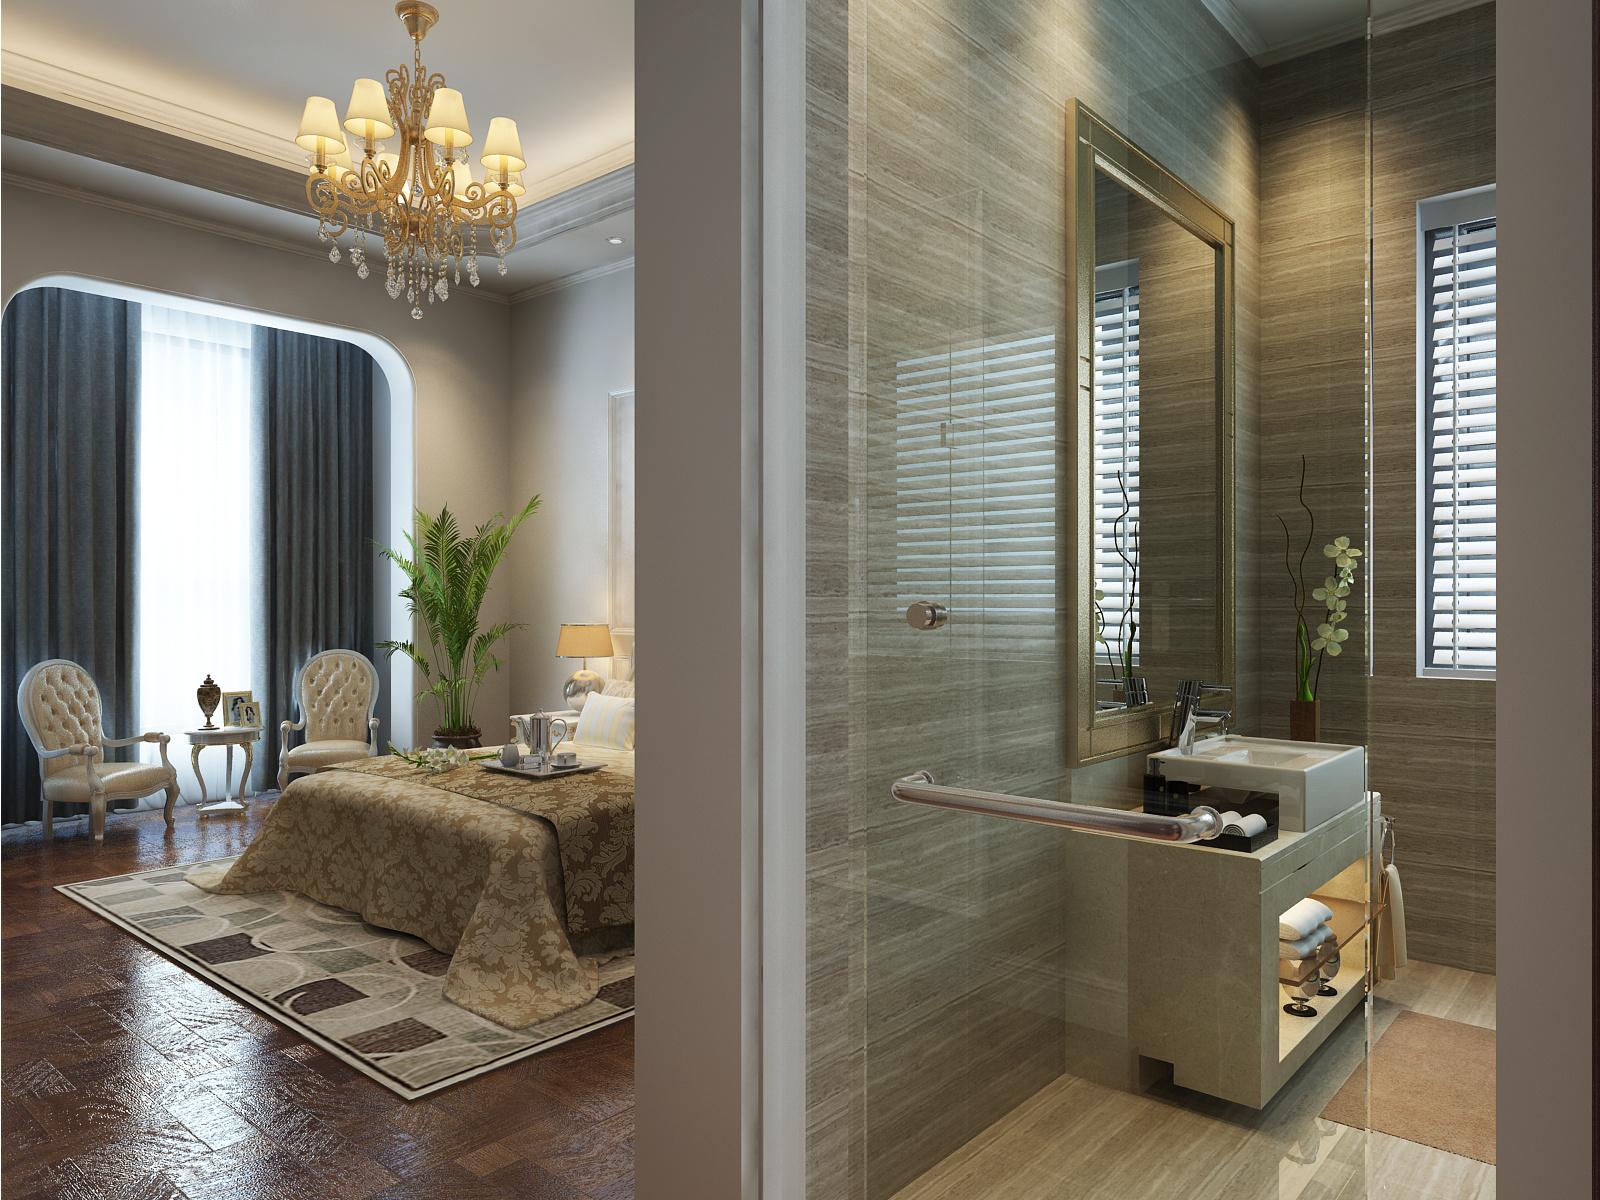 室内|三维|建筑/空间|pasfunfanonde - 原创作品